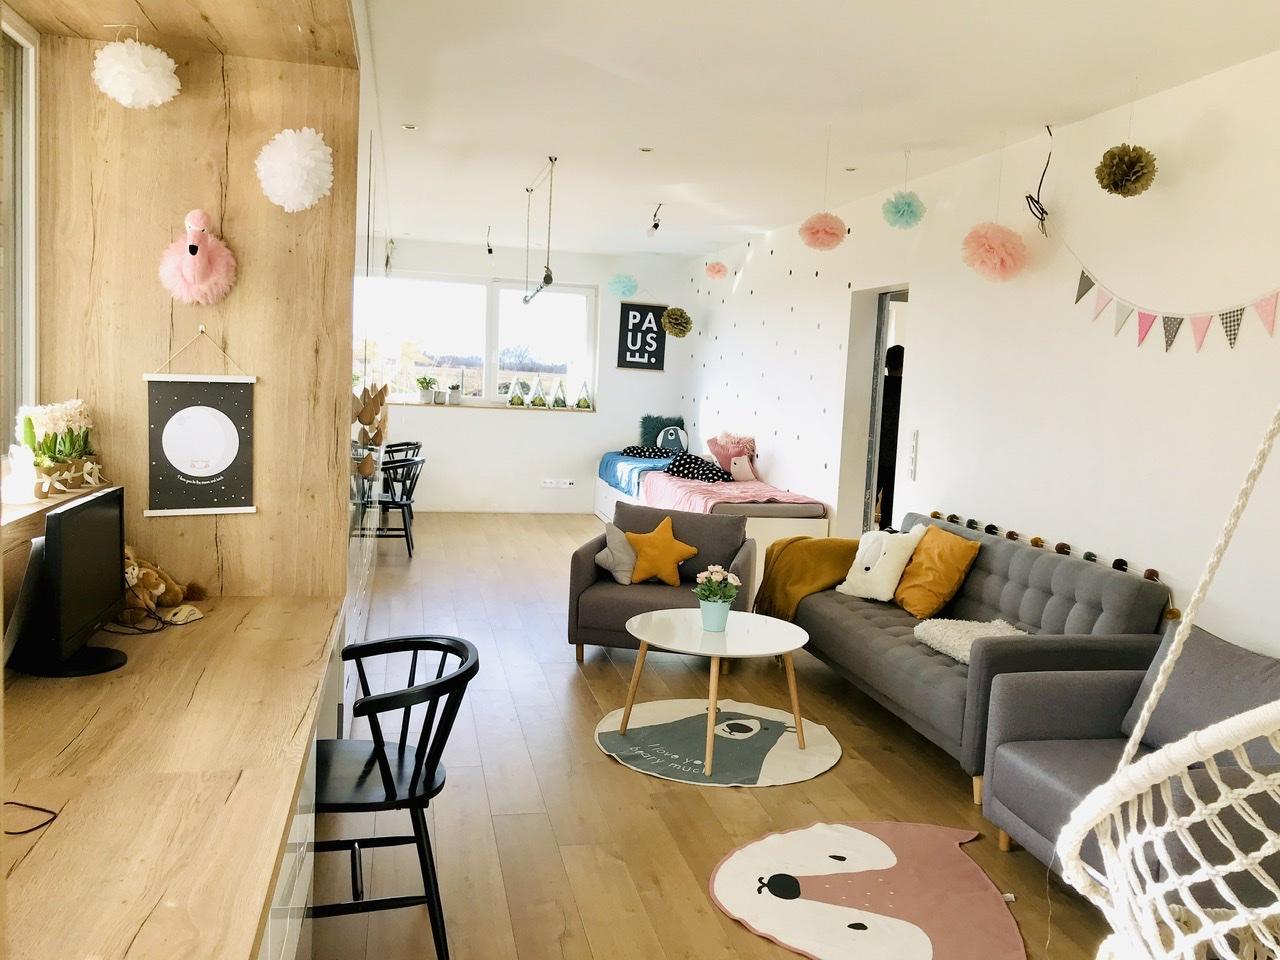 Naše L-ko - začiatok 4. roku bývania - Dokončený nábytok pre deti - stredná časť izby je pre spoločné posedenie, hry odpočinok...